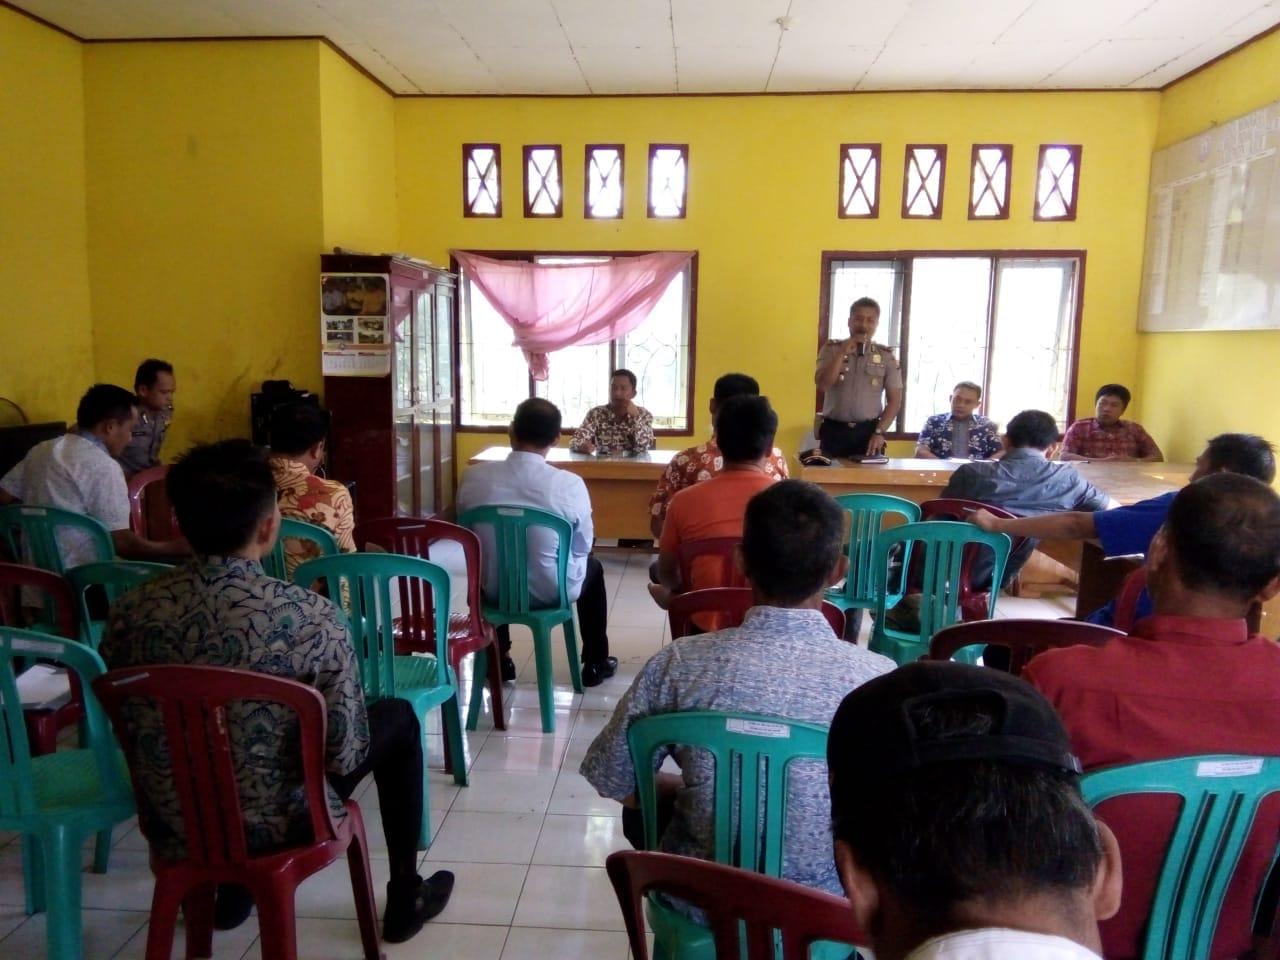 Cek Inventaris dan Administrasi Dana Desa Kecamatan Padang Guci Hilir, Polsek Kaur Utara Ikuti Pertemuan Antara Mantan Kades dan Pjs